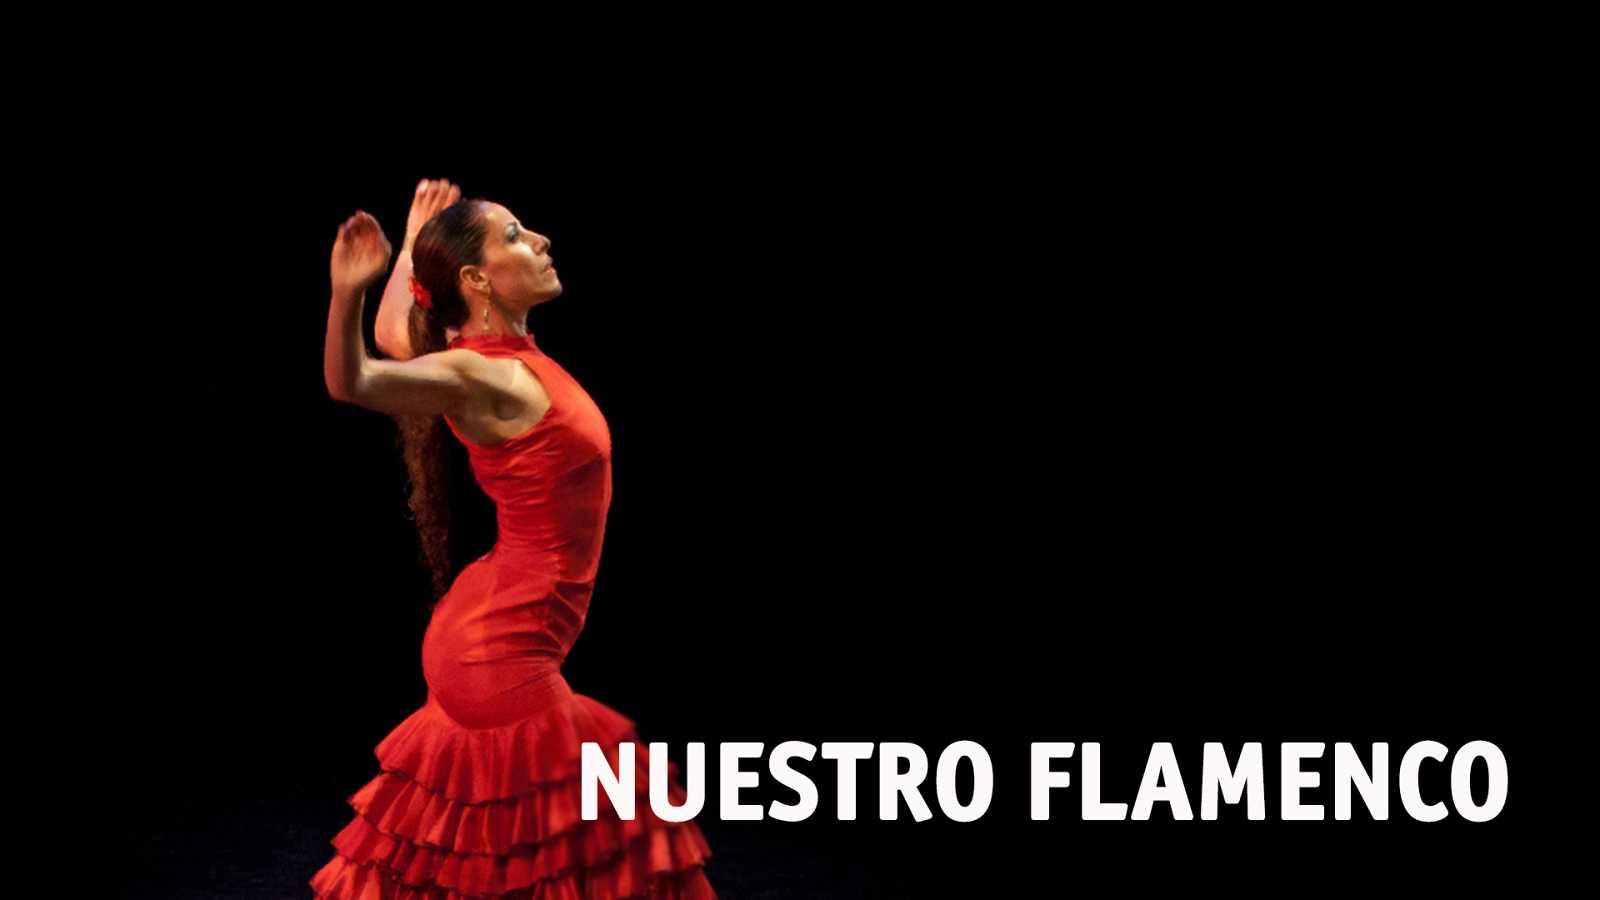 Nuestro flamenco - La zambra flamenca - 16/03/17 - escuchar ahora